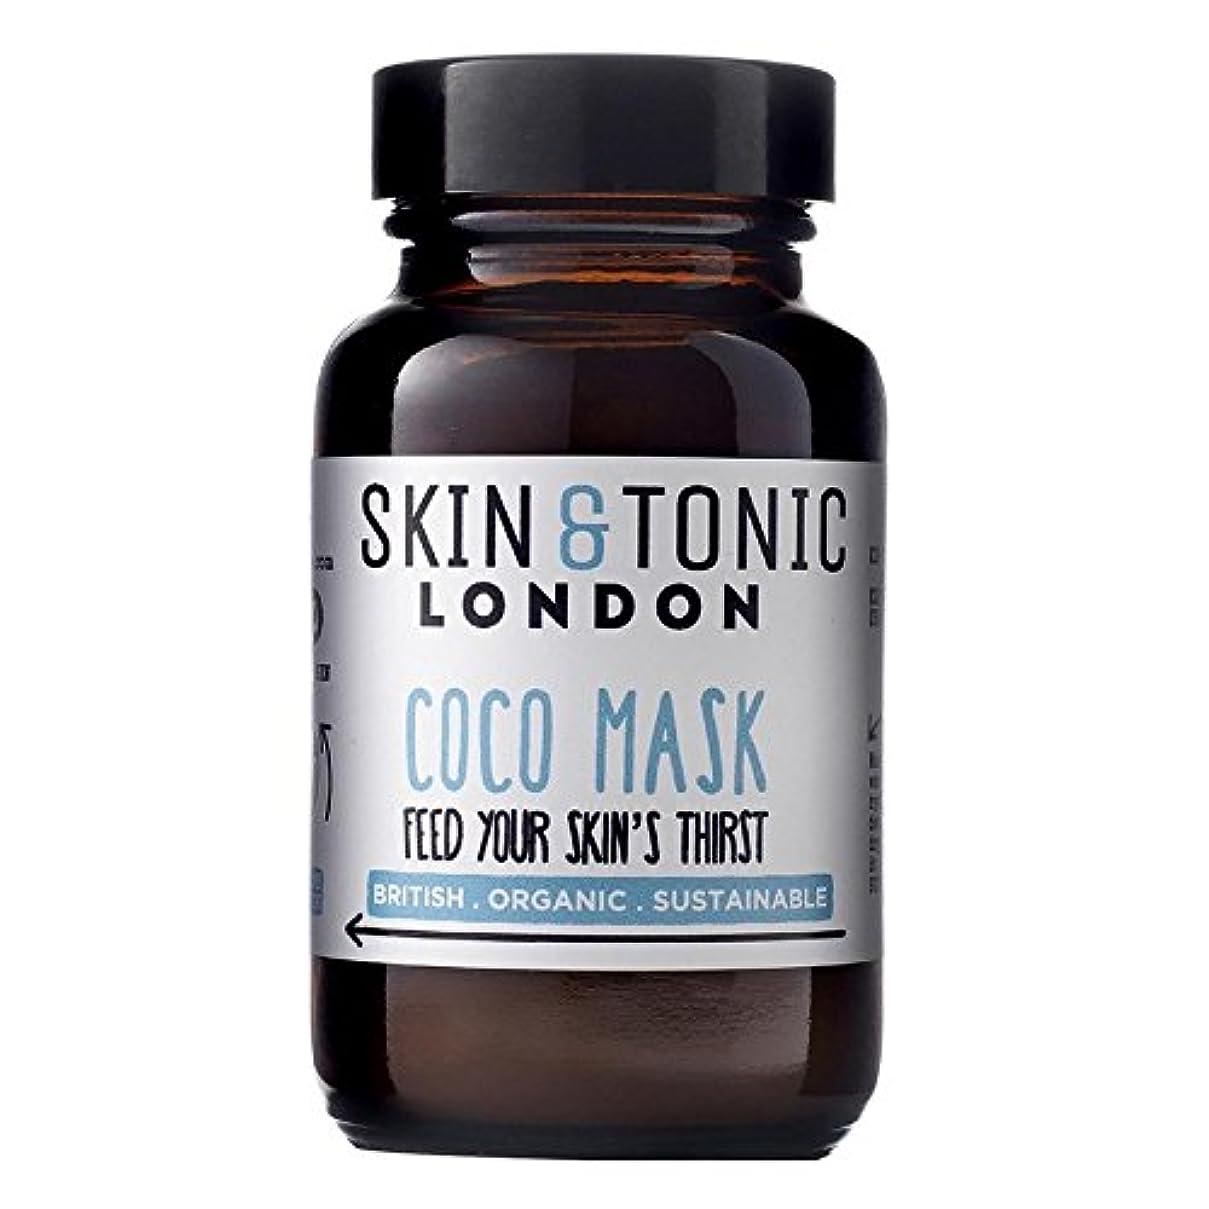 ナチュラ配る手を差し伸べるスキン&トニックロンドンココマスク50グラム x2 - Skin & Tonic London Coco Mask 50g (Pack of 2) [並行輸入品]